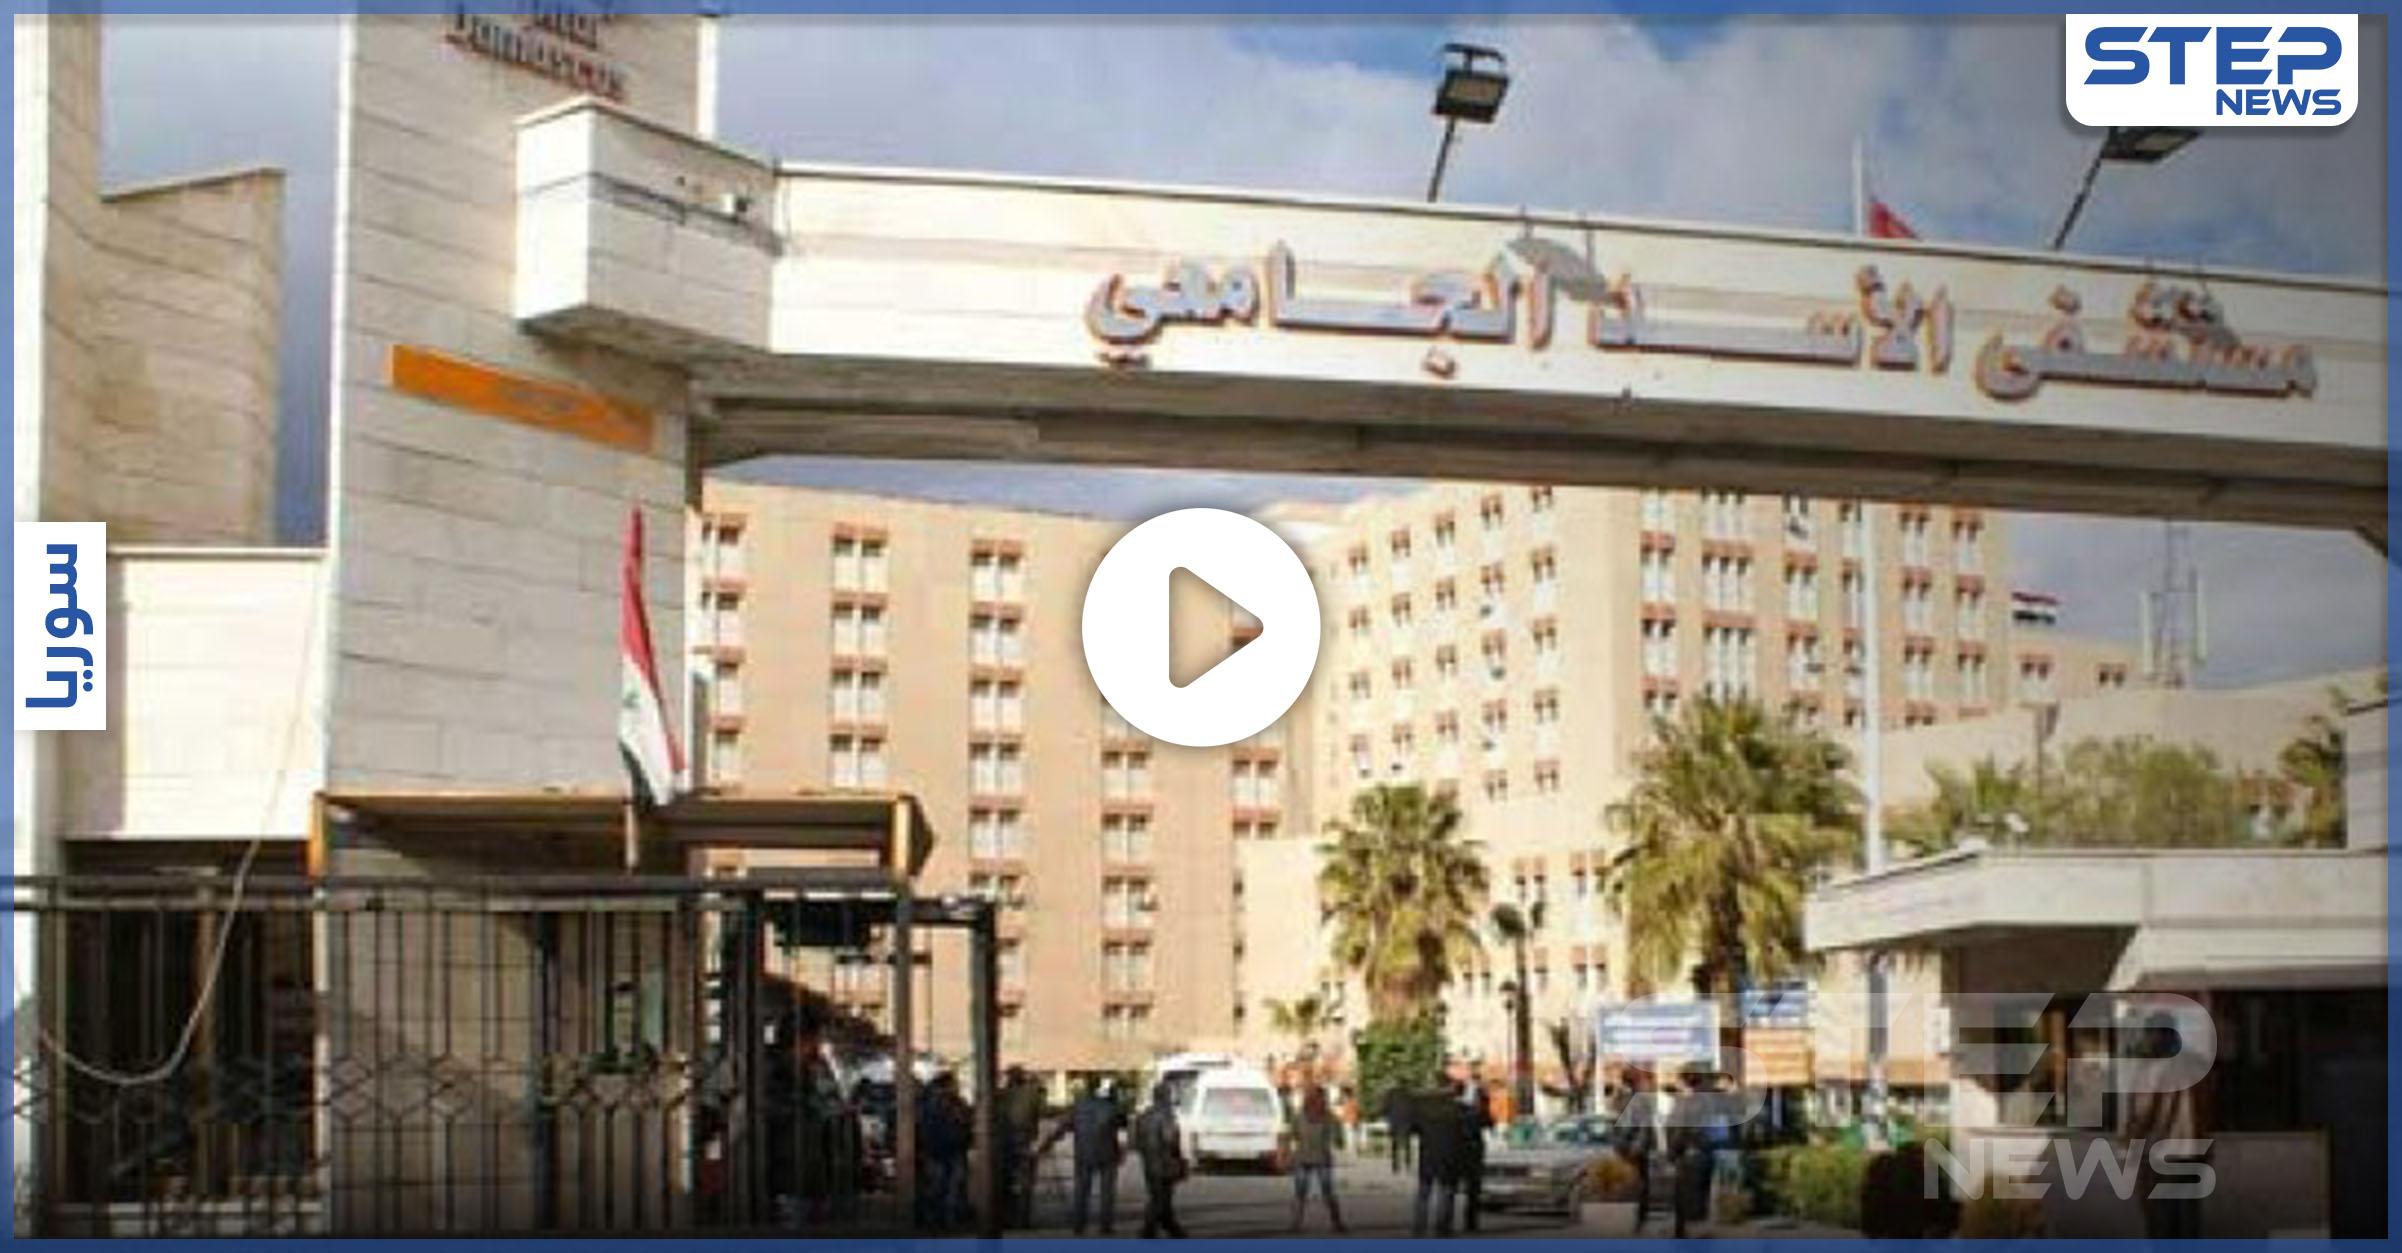 إهانة لشرف متوفي بالكورونا في مستشفى الأسد الجامعي بدمشق!